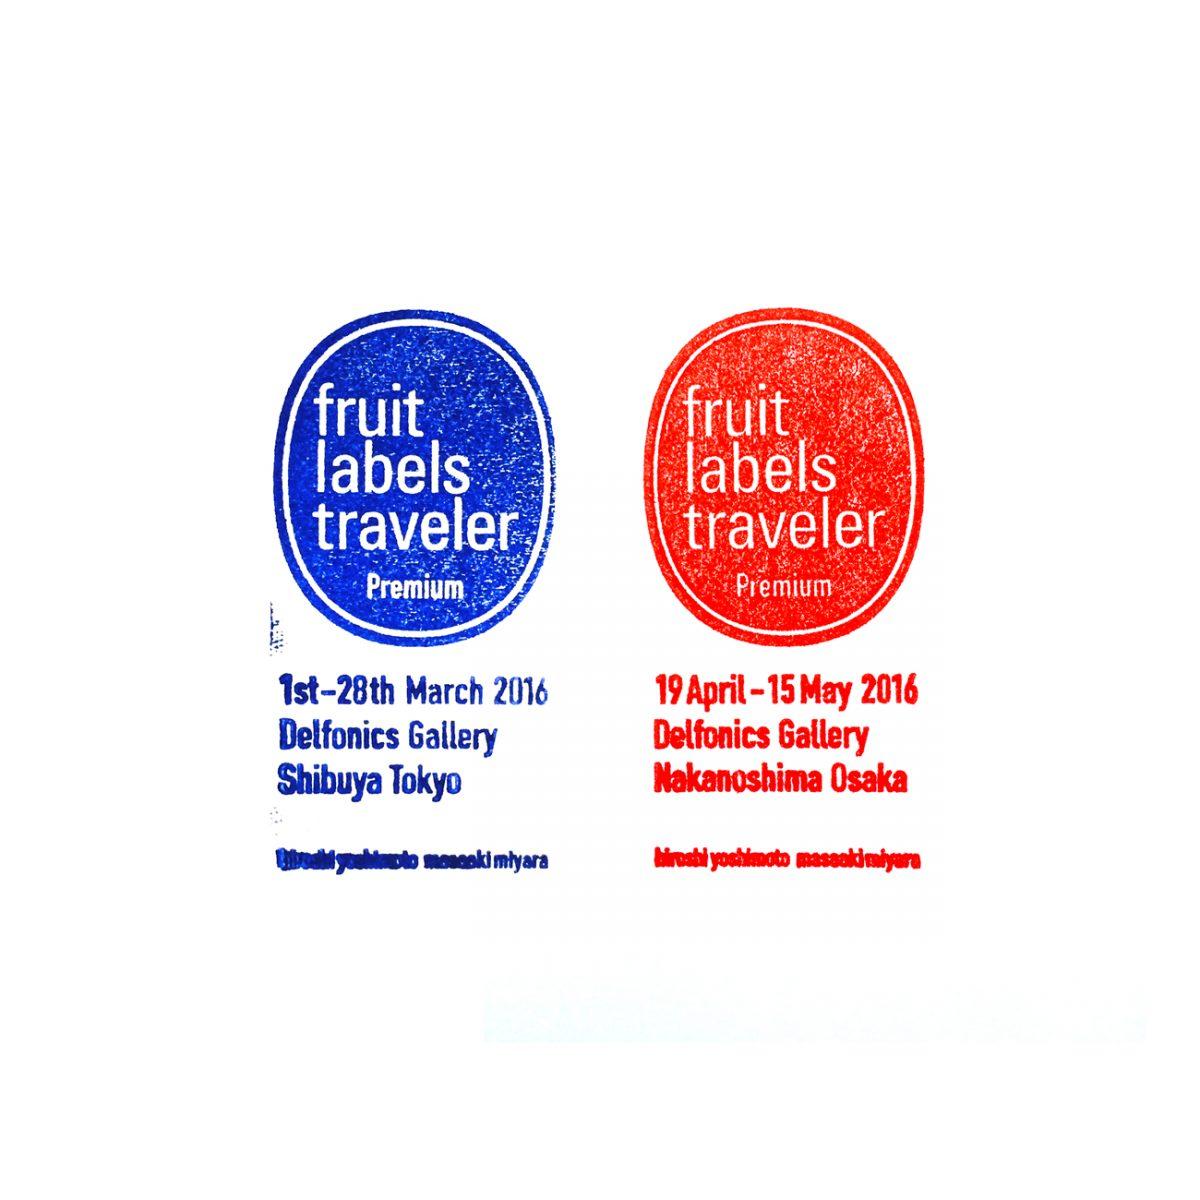 Fruit labels traveler